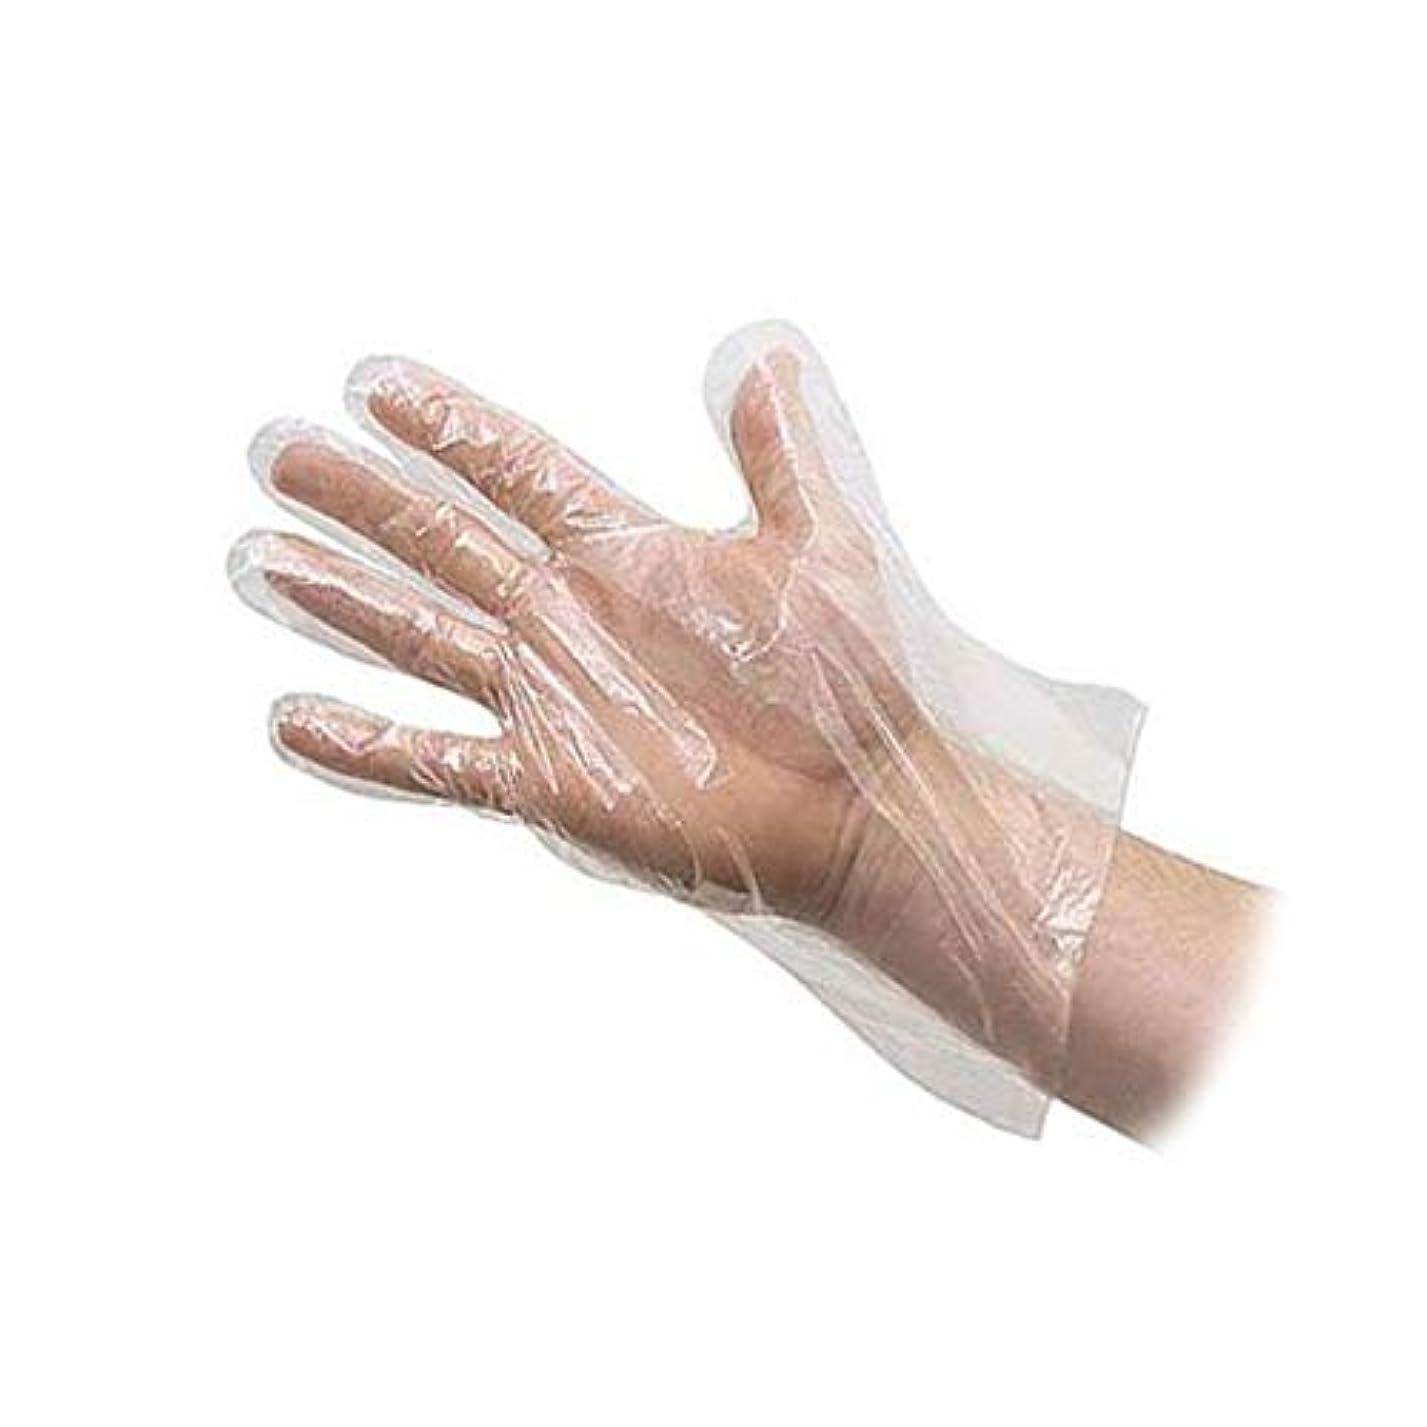 に渡って限界恩赦(デマ―クト)De?markt ポリエチレン 手袋 使い捨て手袋 カタエンボス 調理用 食品 プラスチック ホワイト 粉なし 食品衛生 透明 左右兼用 薄型 ビニール極薄手袋 100枚入